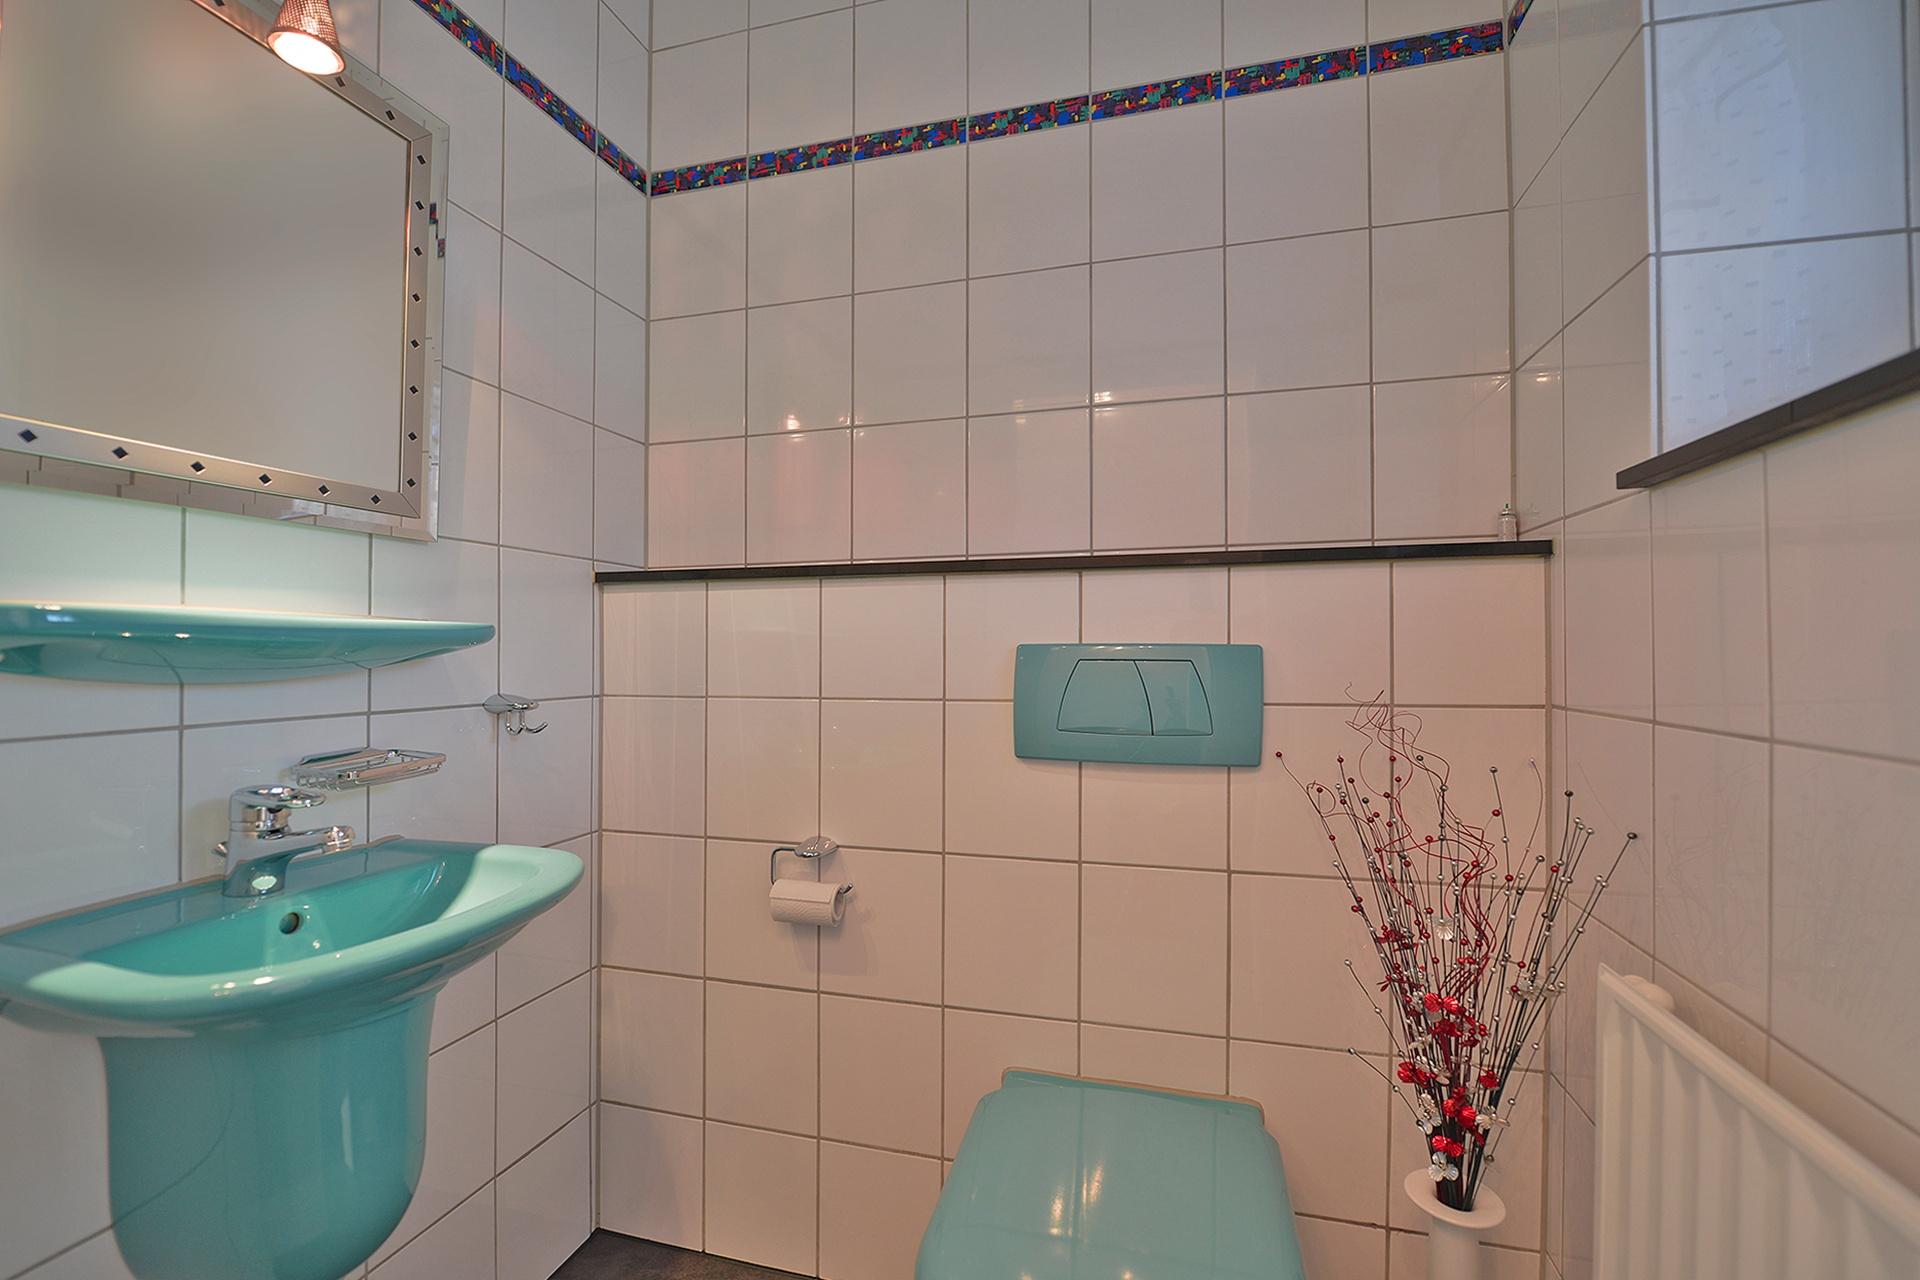 Immobilienmakler Eschweiler Doppelhaushälfte referenzen mit Immobilienbewertung